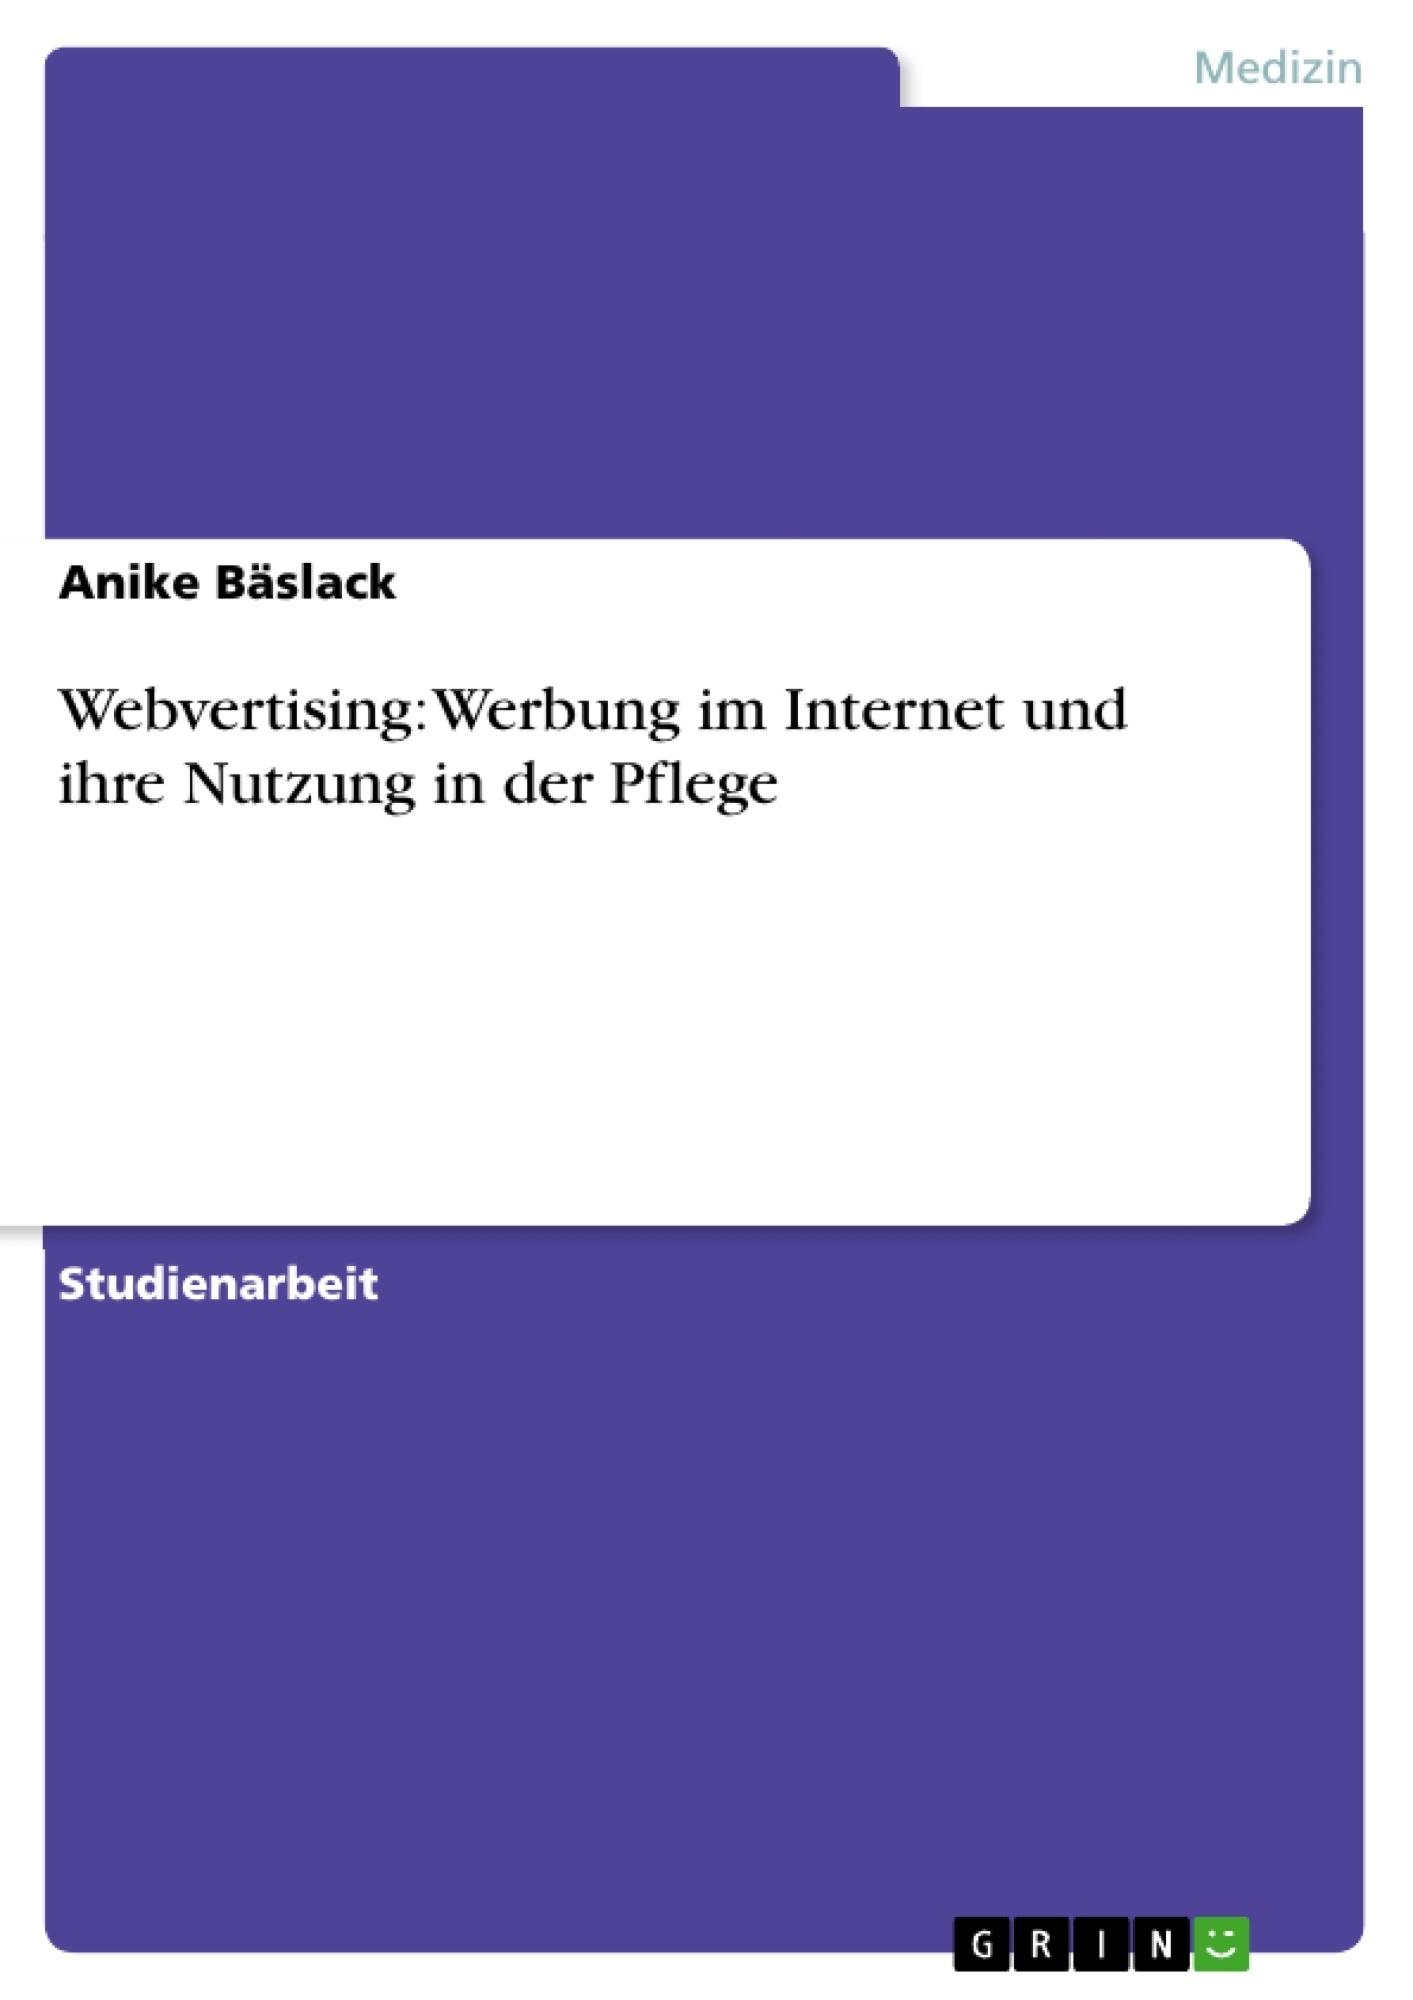 Titel: Webvertising: Werbung im Internet und ihre Nutzung in der Pflege